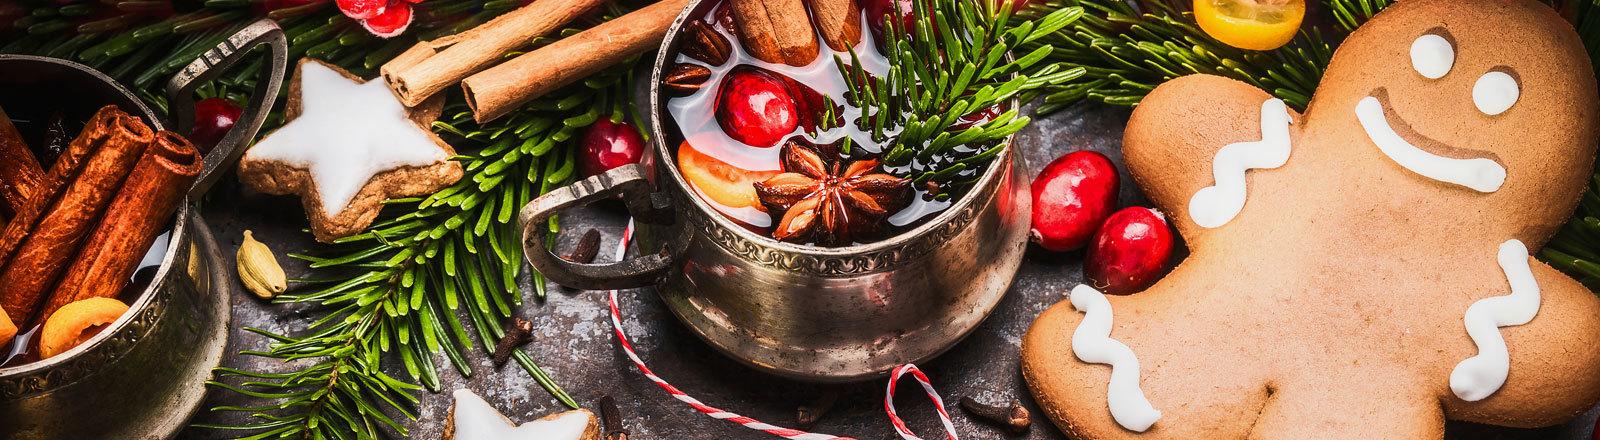 Lebkuchen-Plätzchen auf Weihnachtstisch